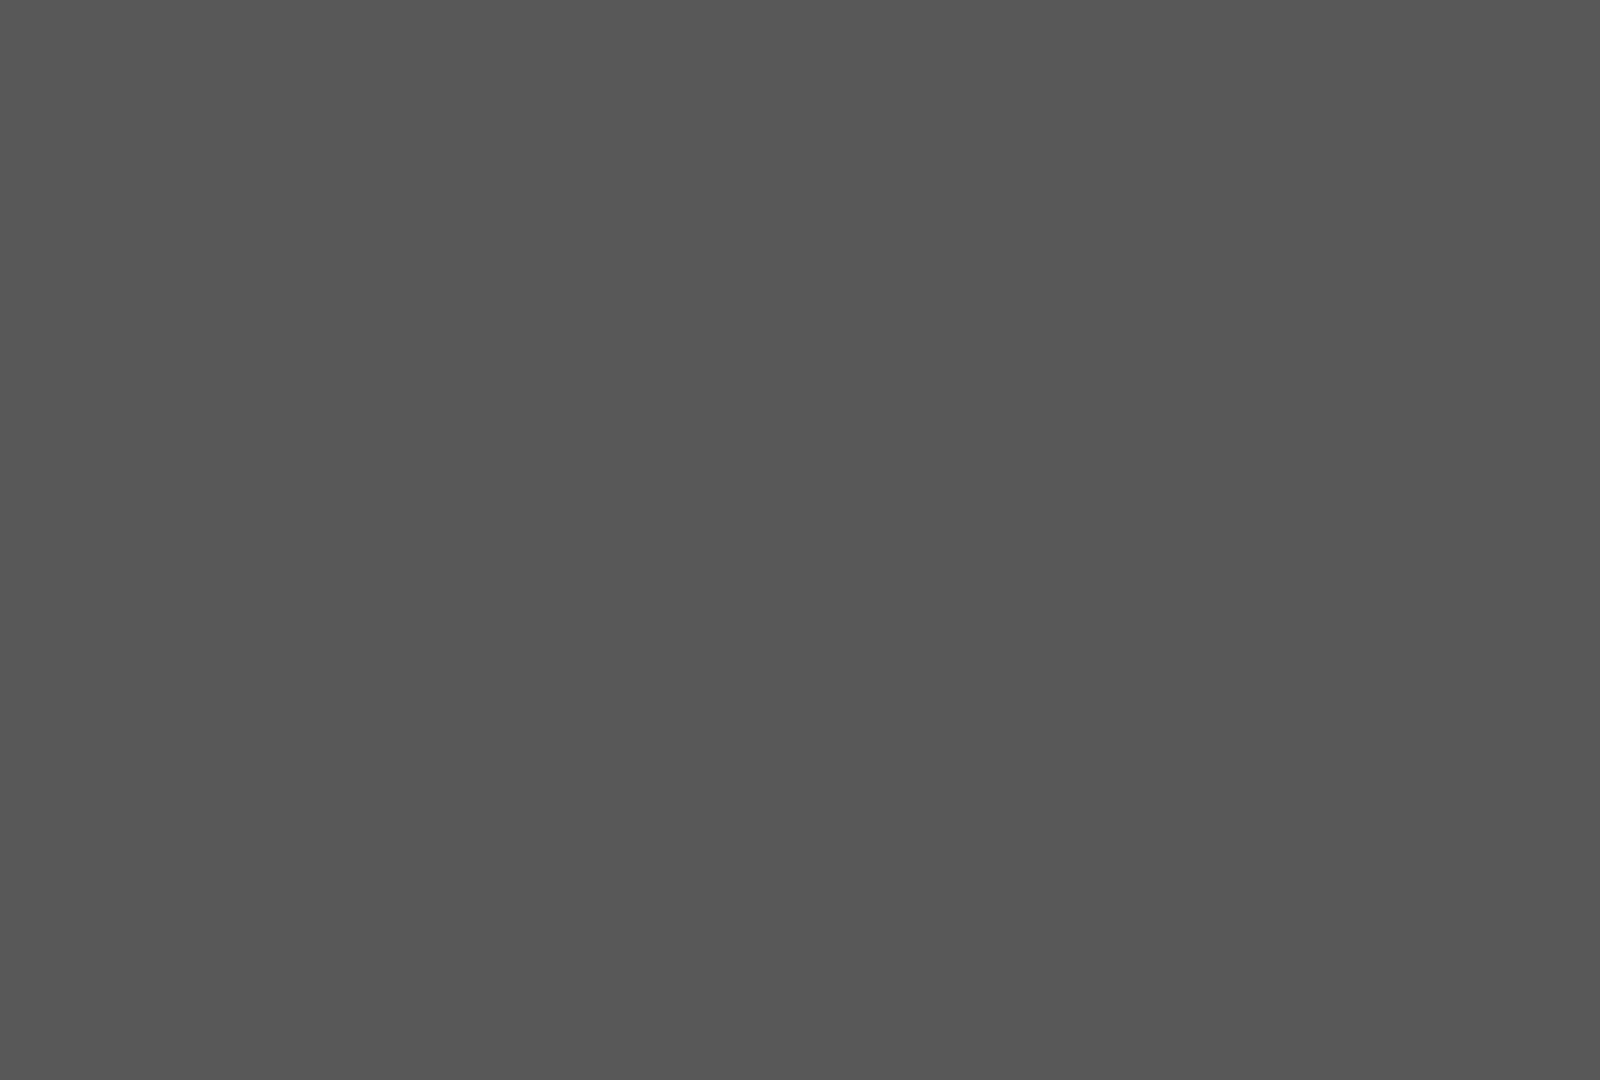 充血監督の深夜の運動会Vol.47 マンコ・ムレムレ | セックス  72pic 10